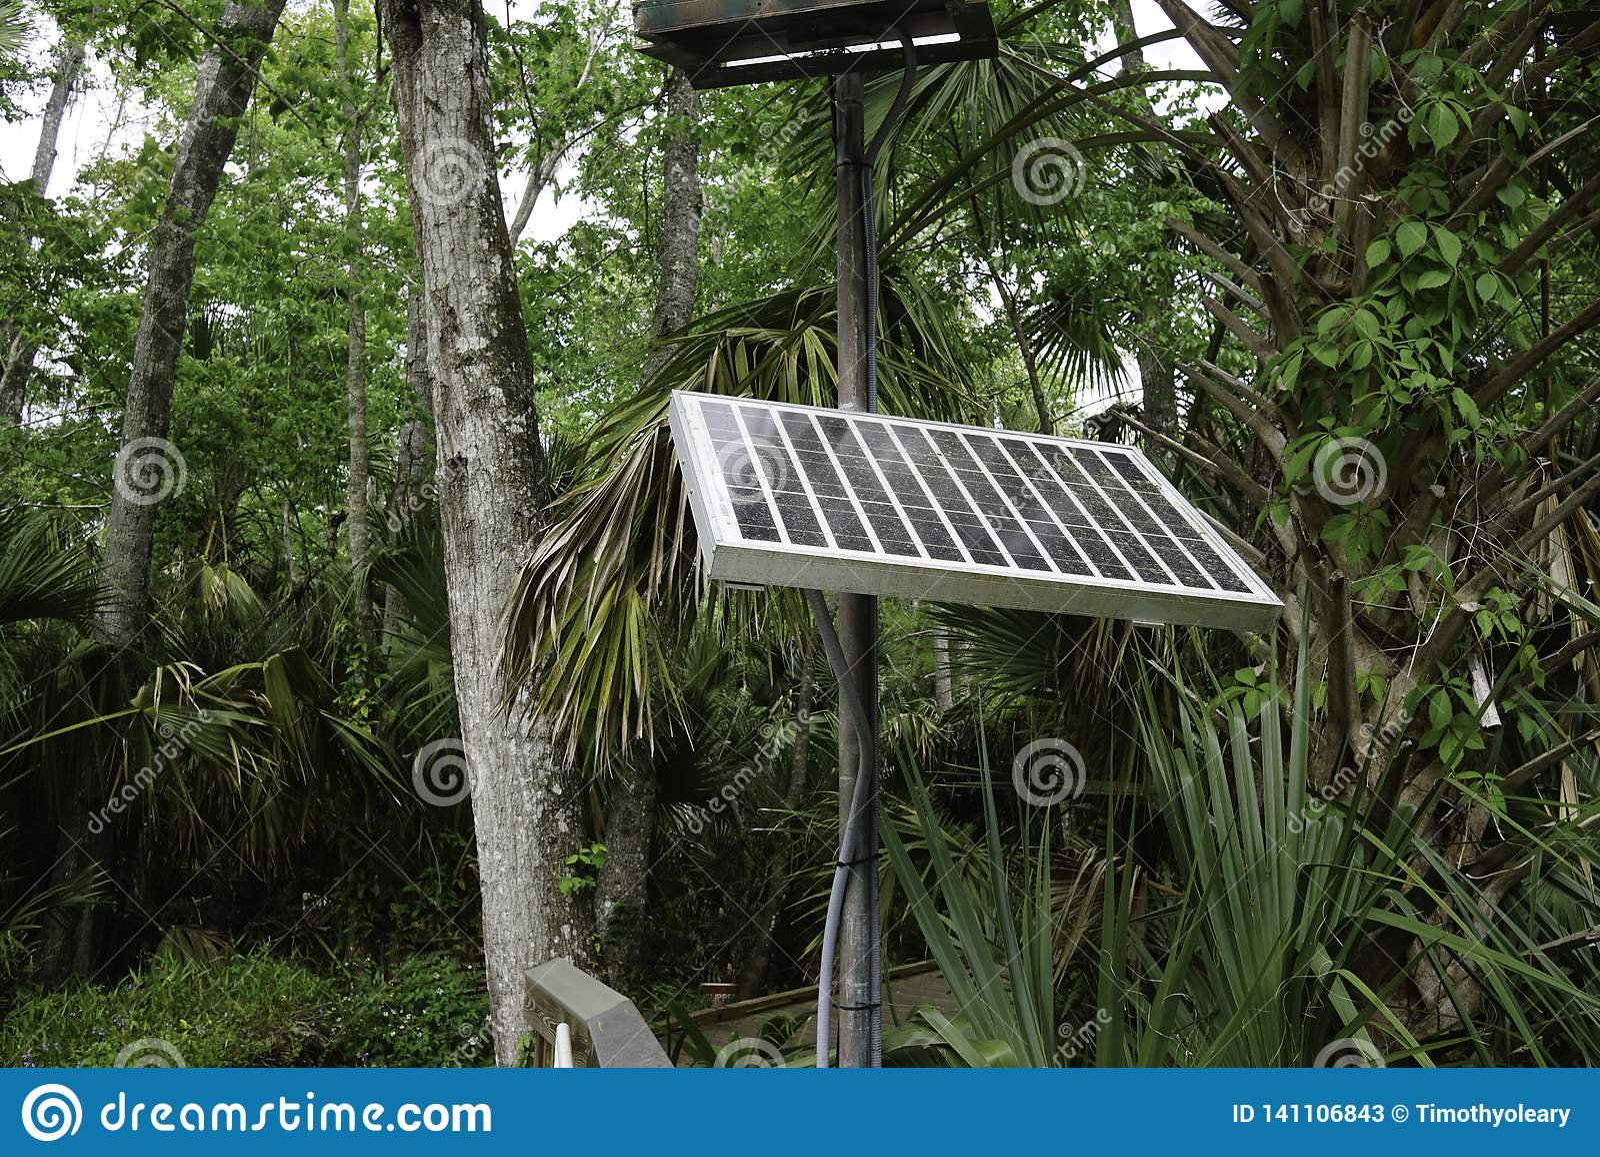 Énergie dérivée des cellules photovoltaïques pour un environnement sûr et compatible avec la nature